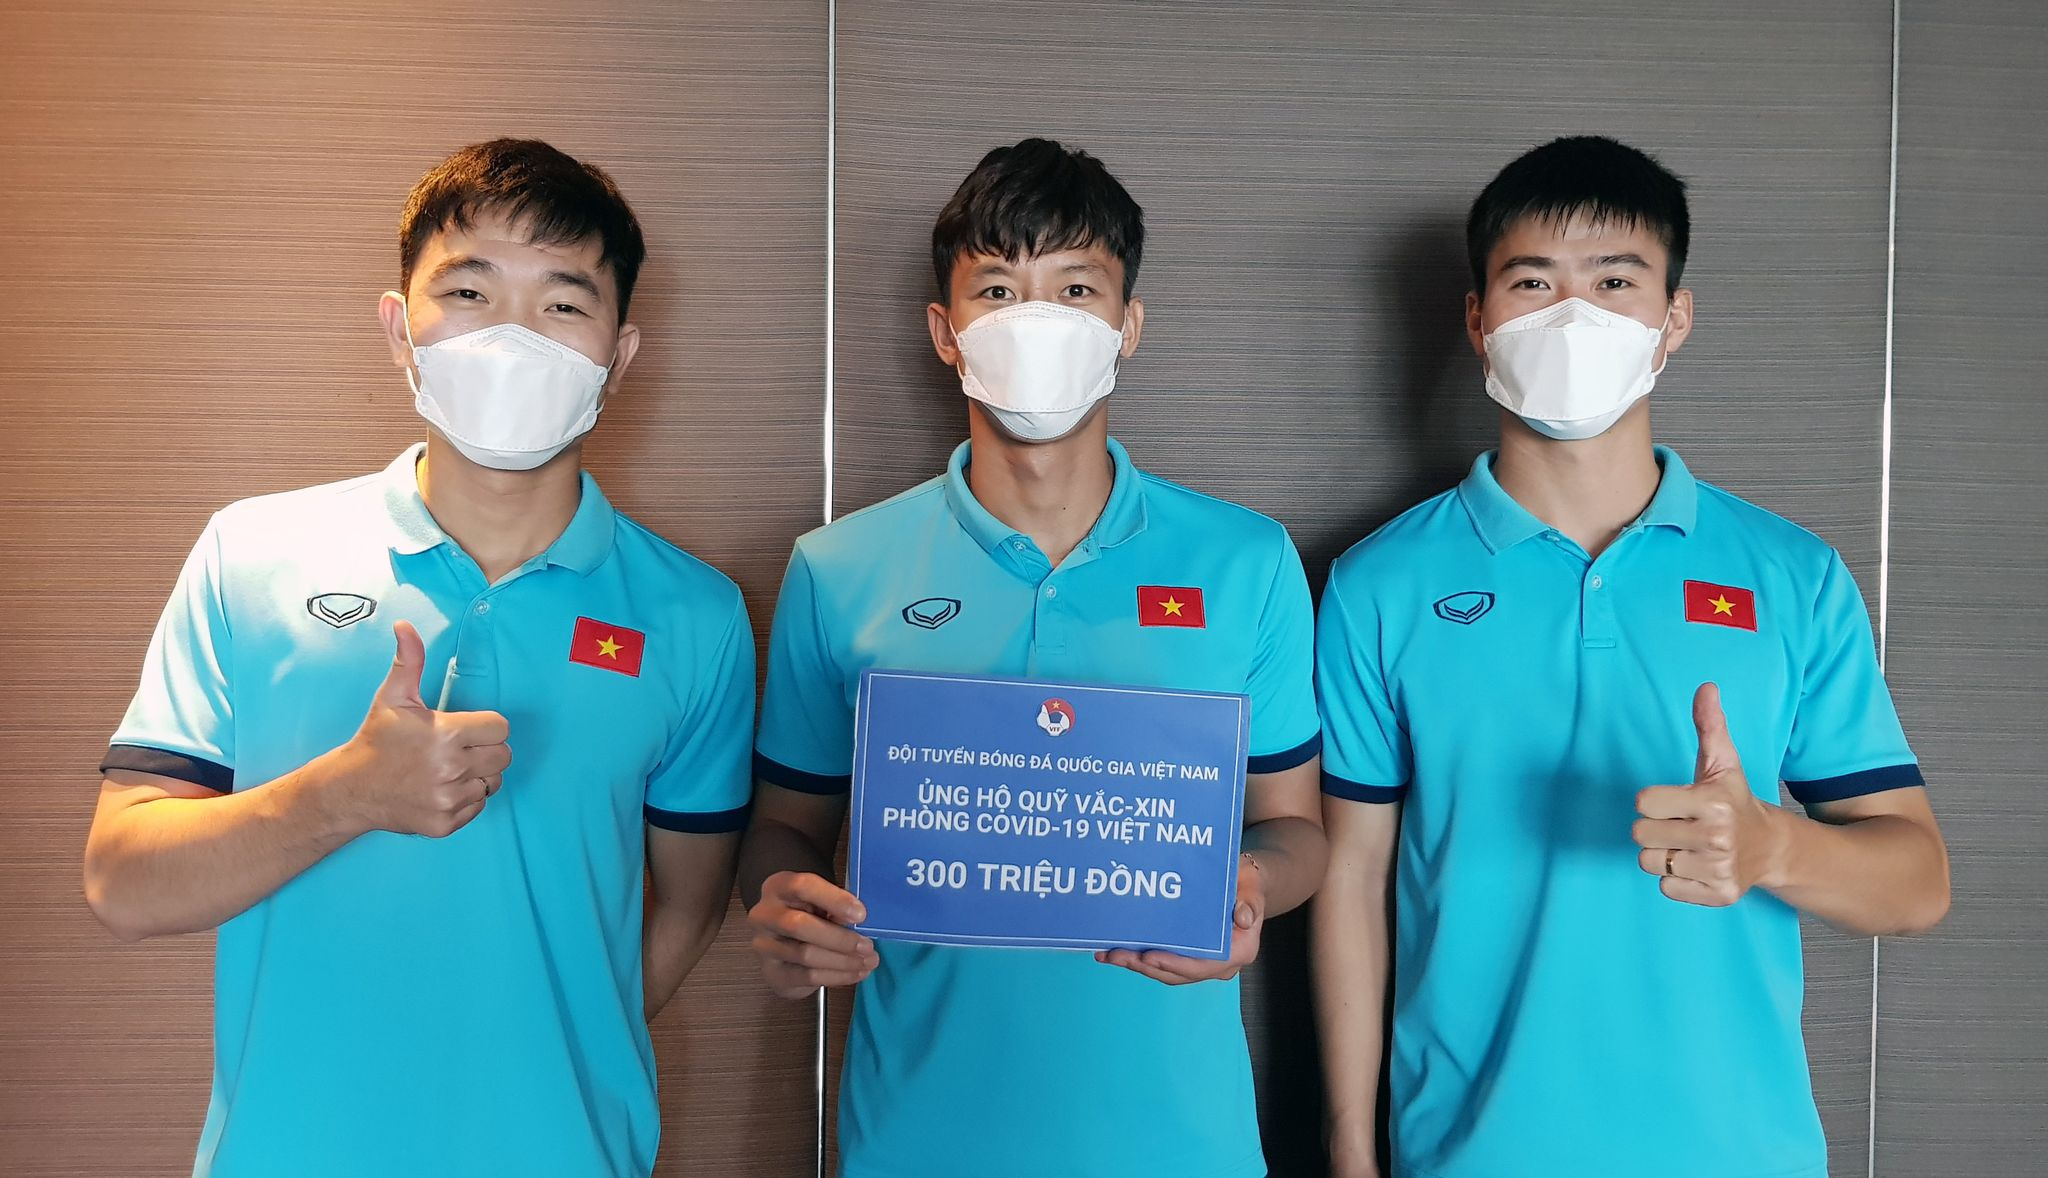 Thủ quân Quế Ngọc Hải (giữa) cùng các đồng đội ủng hộ Quỹ vaccine phòng Covid-19. Ảnh: VFF.